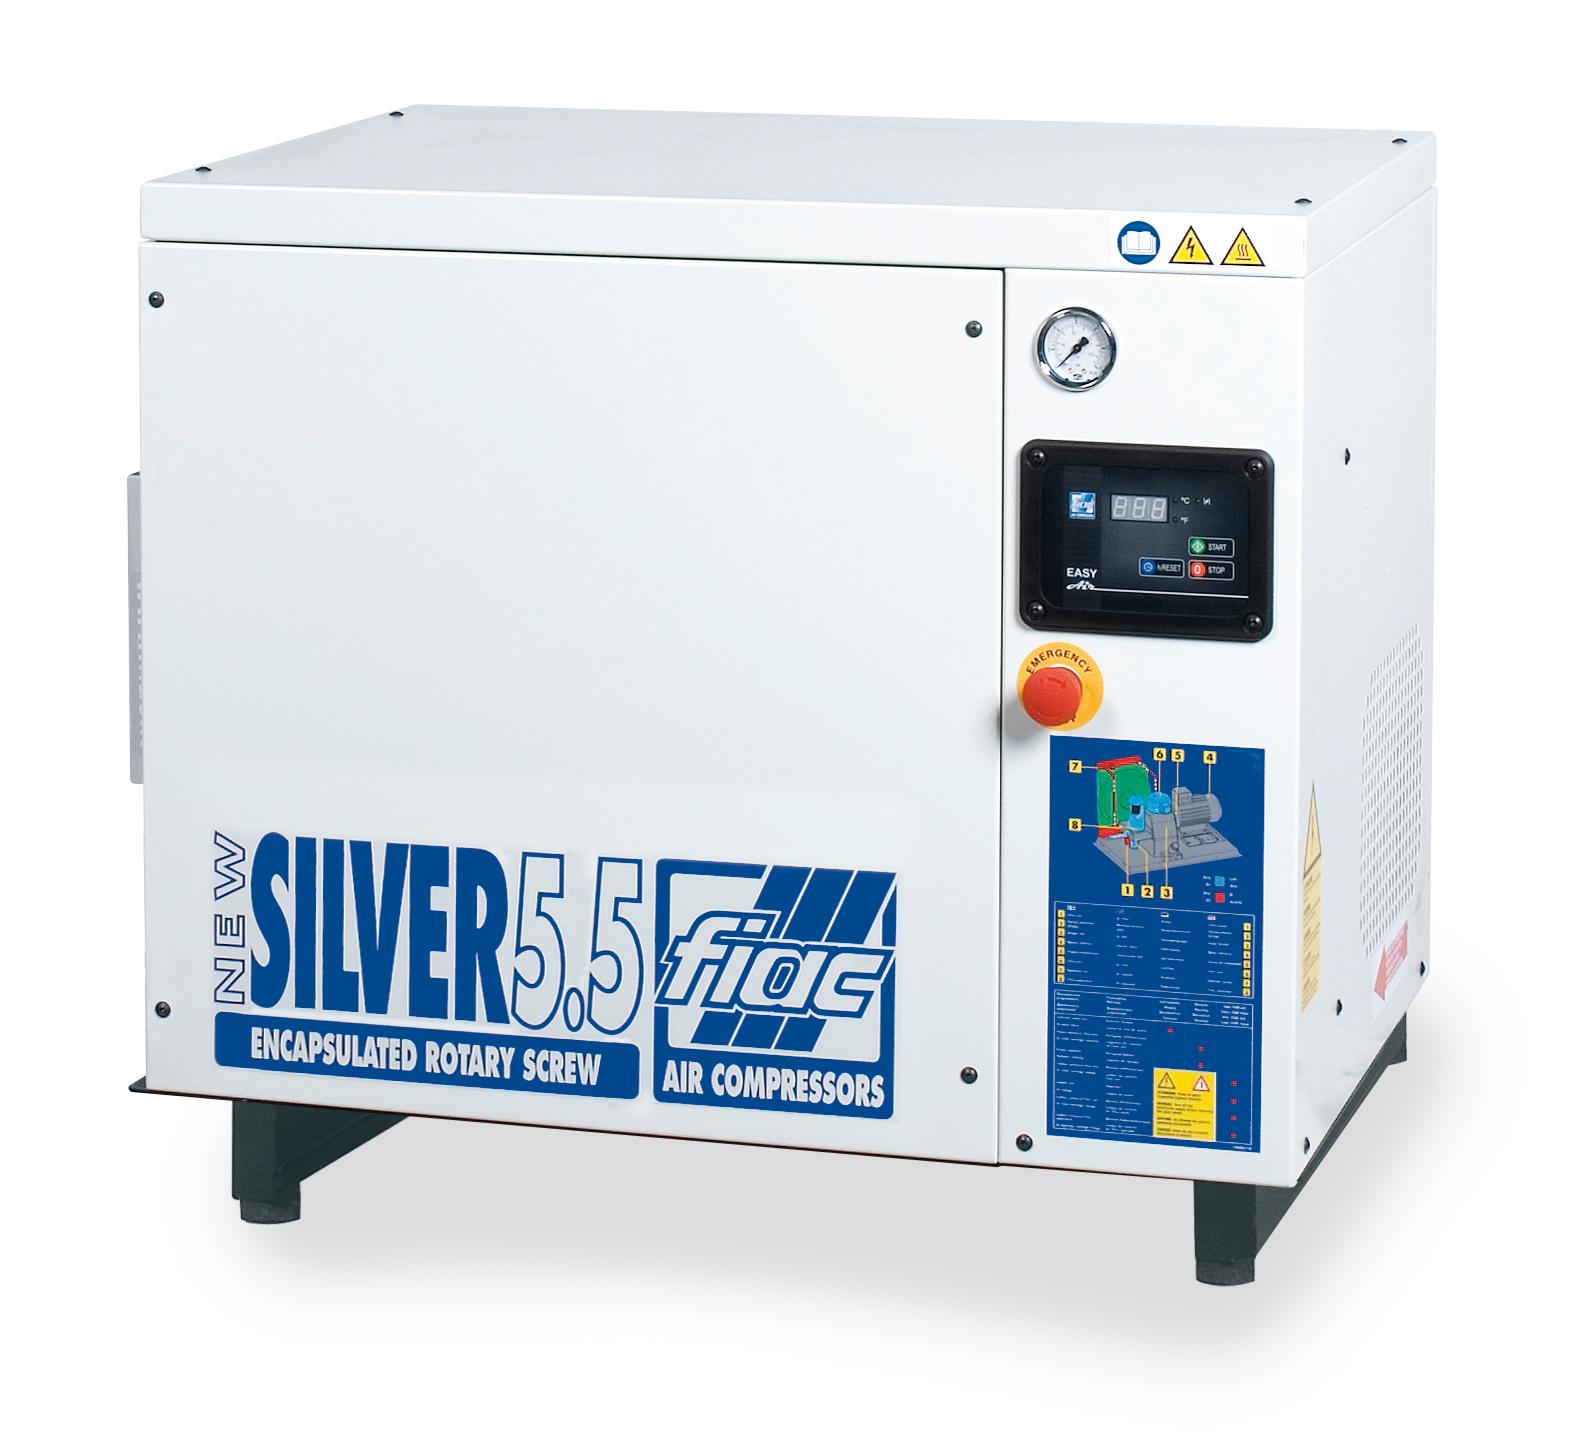 Серия New Silver FIAC New Silver фото, схема, габариты, паспорт, характеристики, инструкция, картинка, параметры, изготовитель, завод производитель